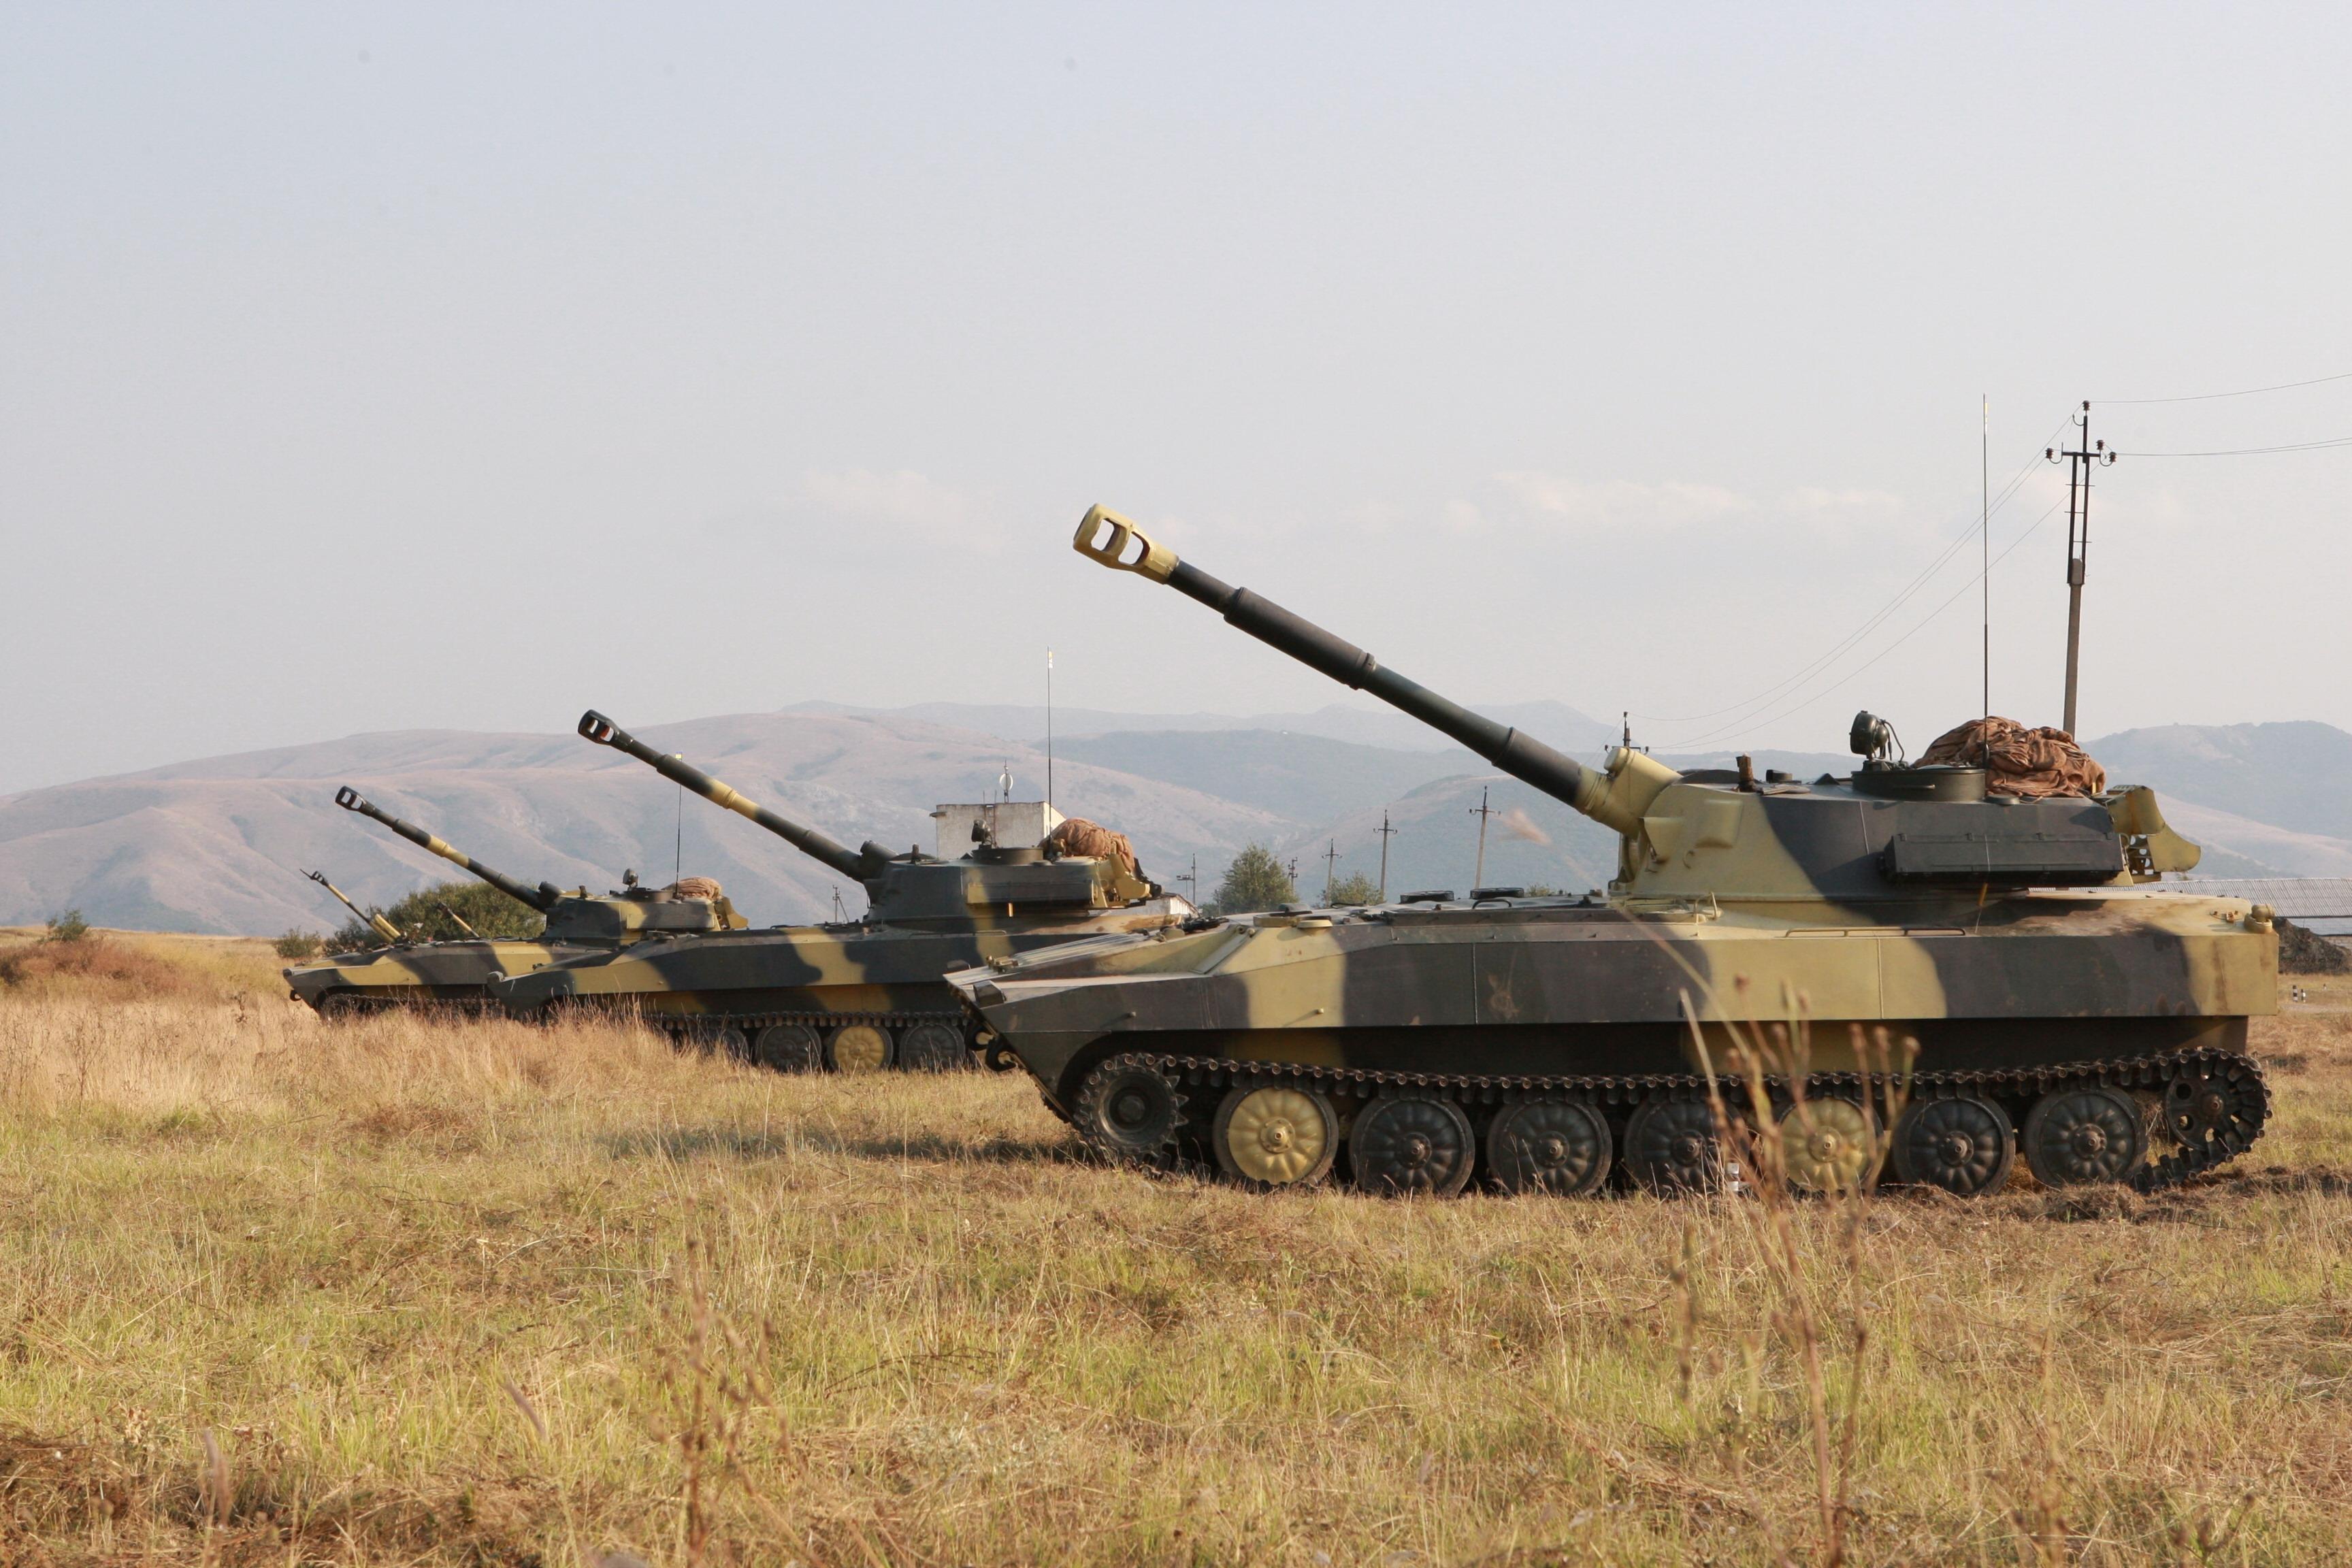 Батарея самохідних гаубиць на вогневих позиціях  (полігон Ангарський, Крим, літо 2009 року)